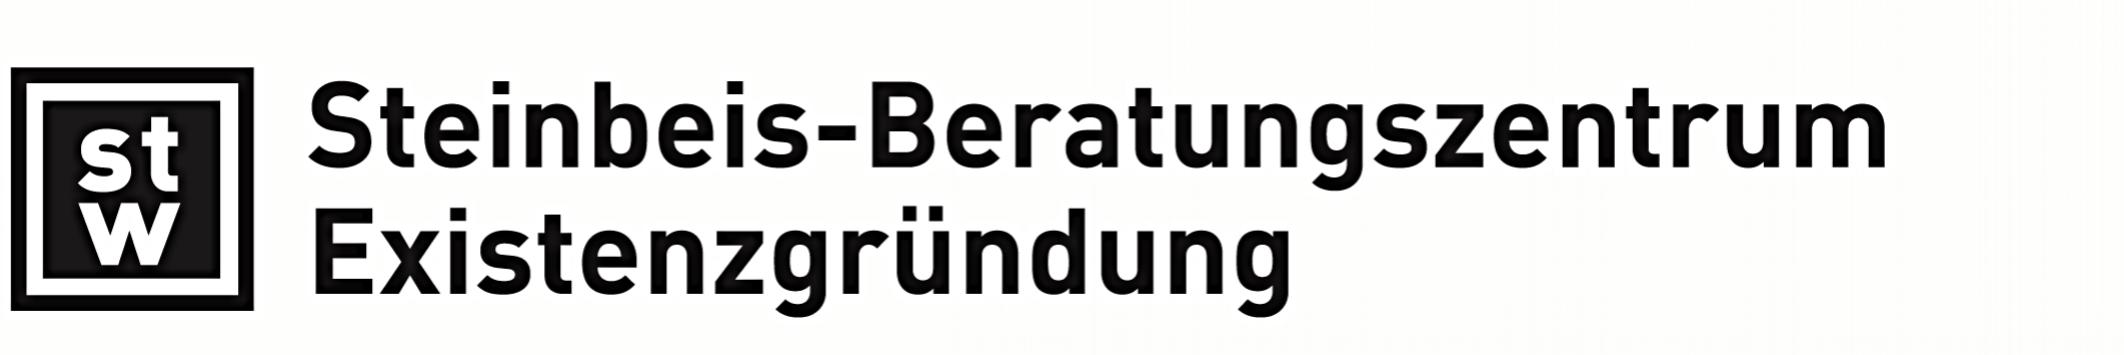 Logo von  Steinbeis-Beratungszentrum Existenzgründung - Dr. Ilona Rau Gründungsberatung